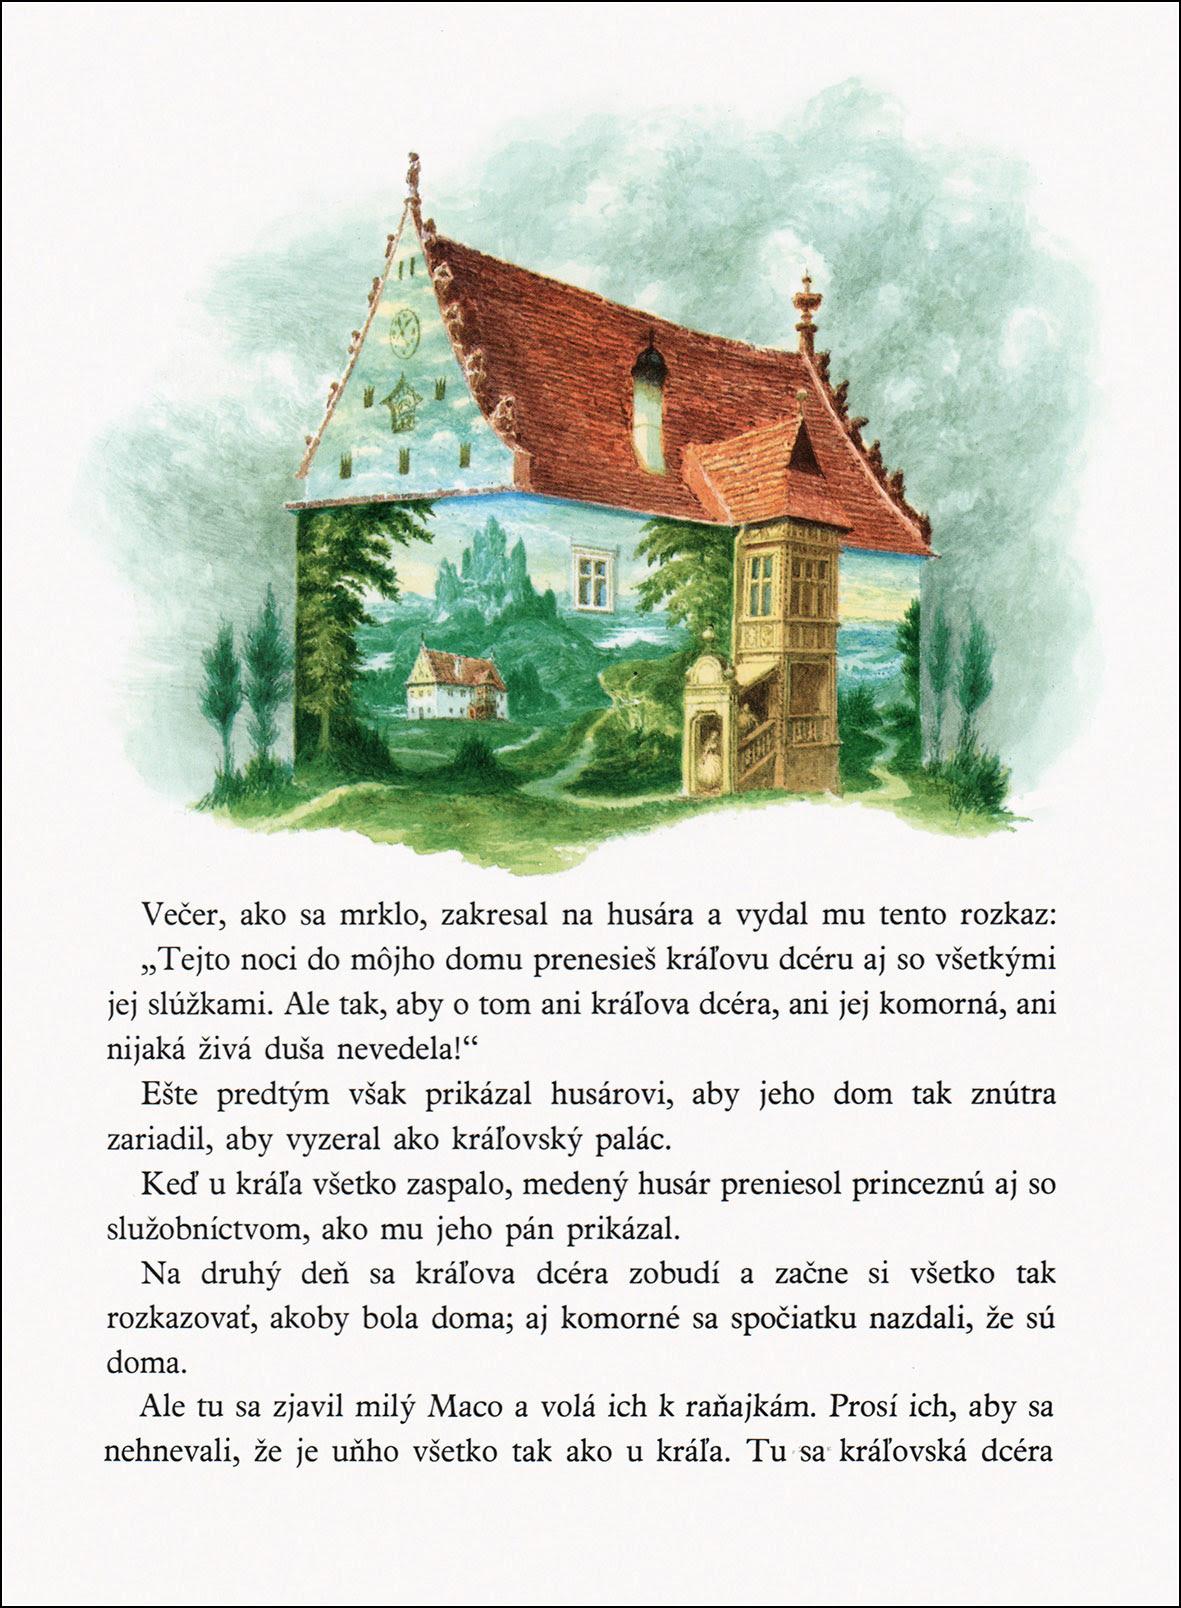 Albín Brunovský, Slovenske rozpravky